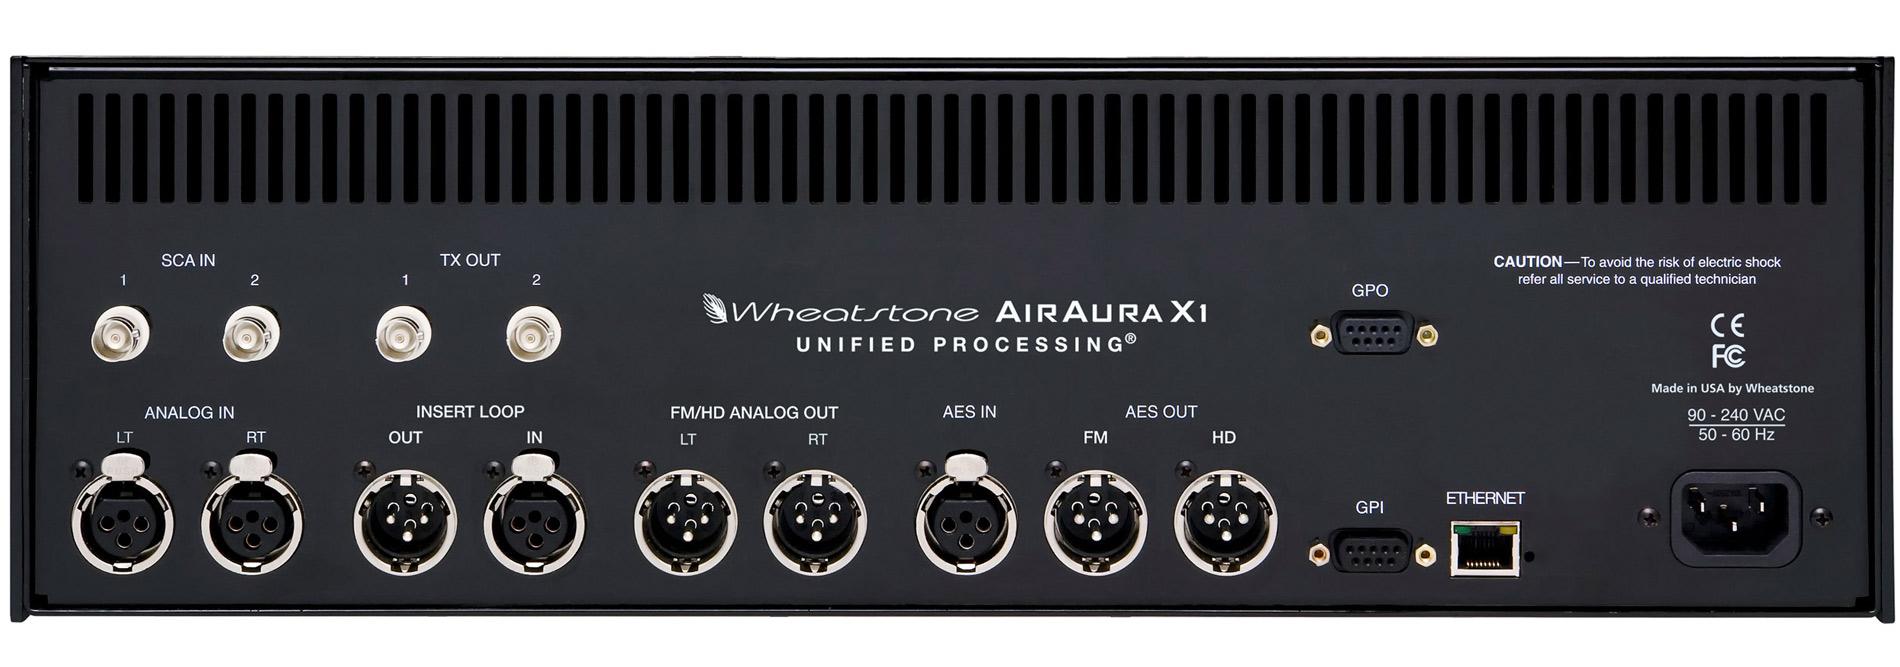 Airaura X1 Tyl Full